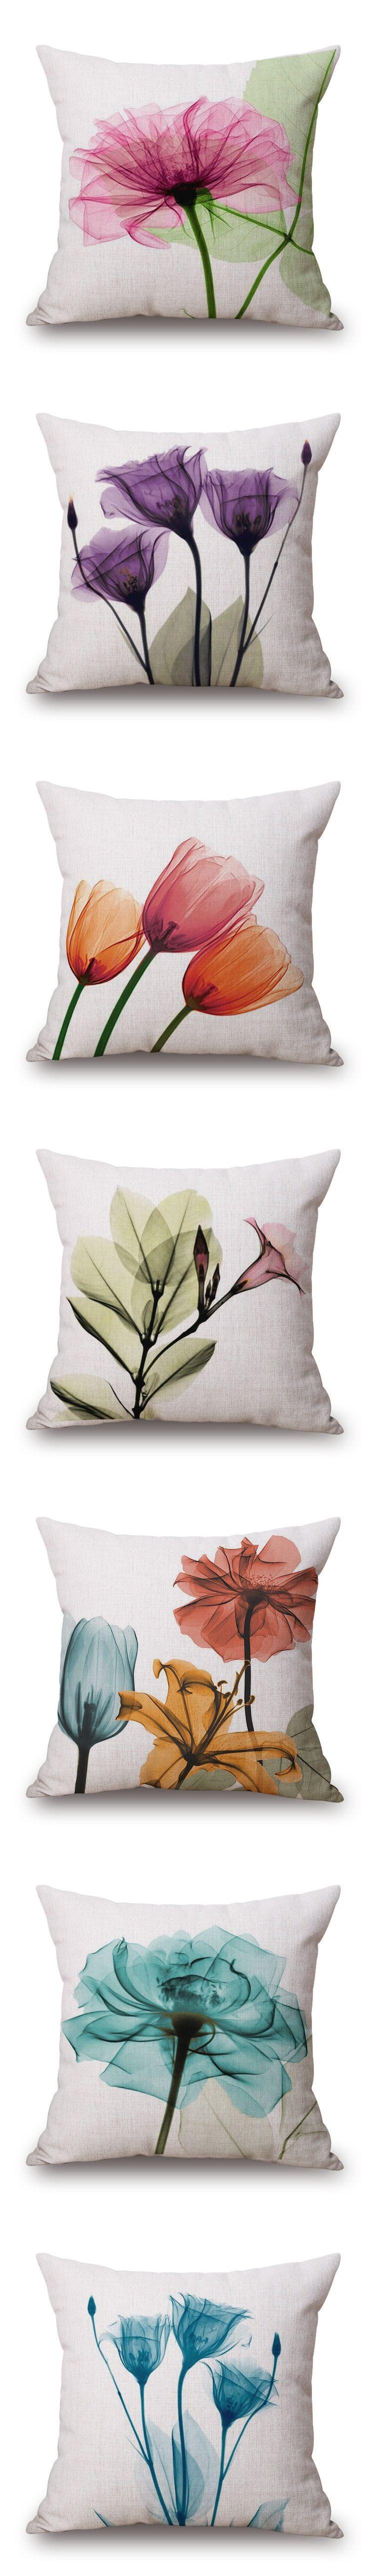 tender flowers .. pillow cases